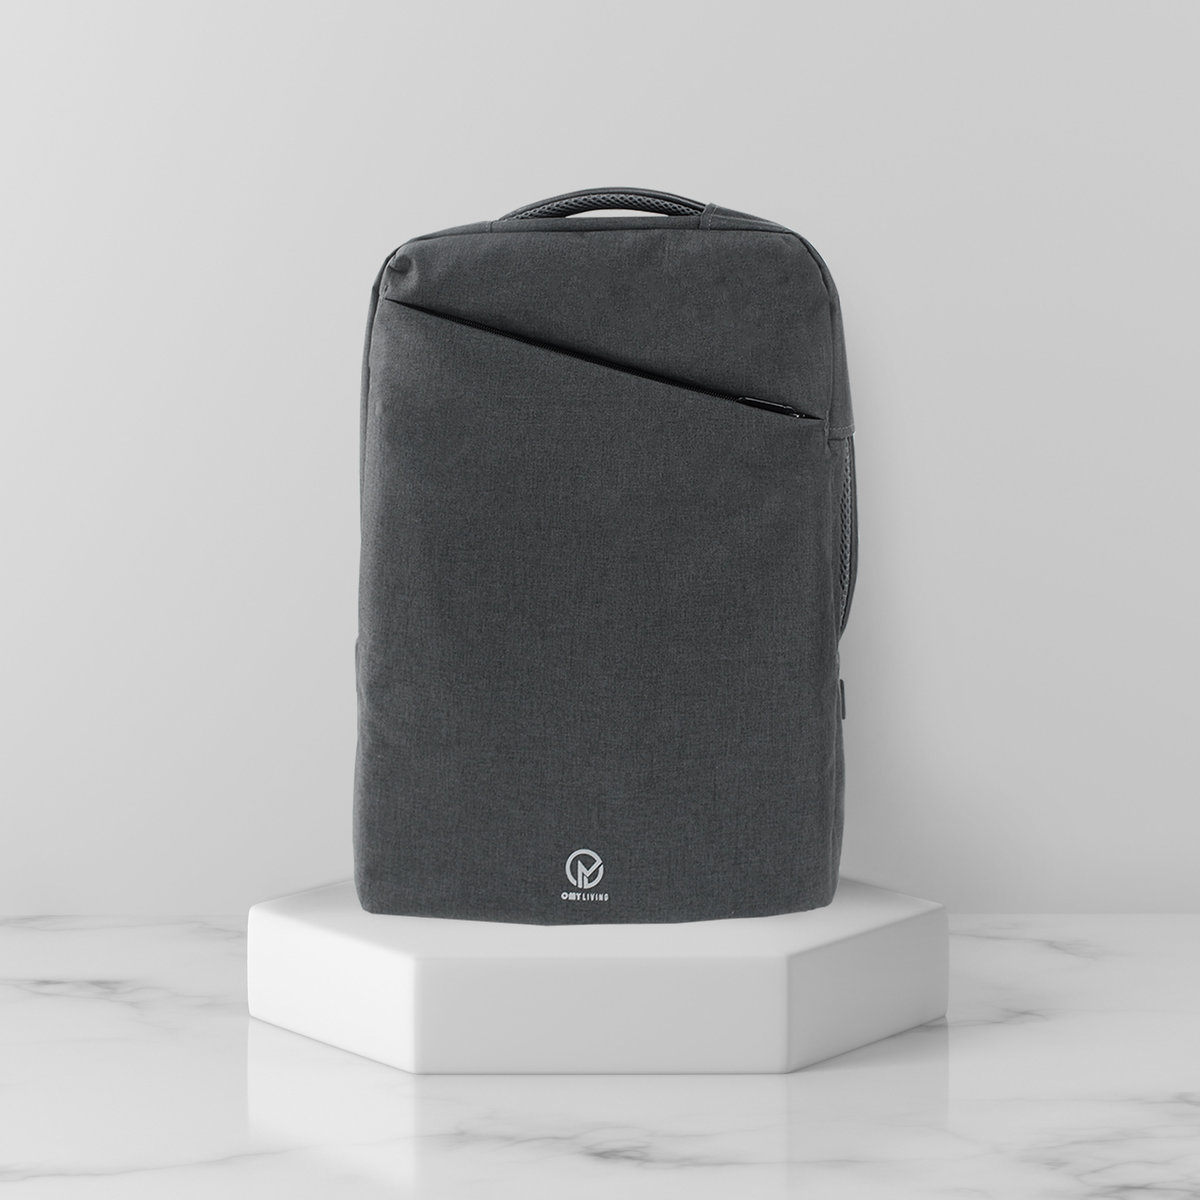 OMYLIVING UV Steriliser Bag(Gentleman gray)